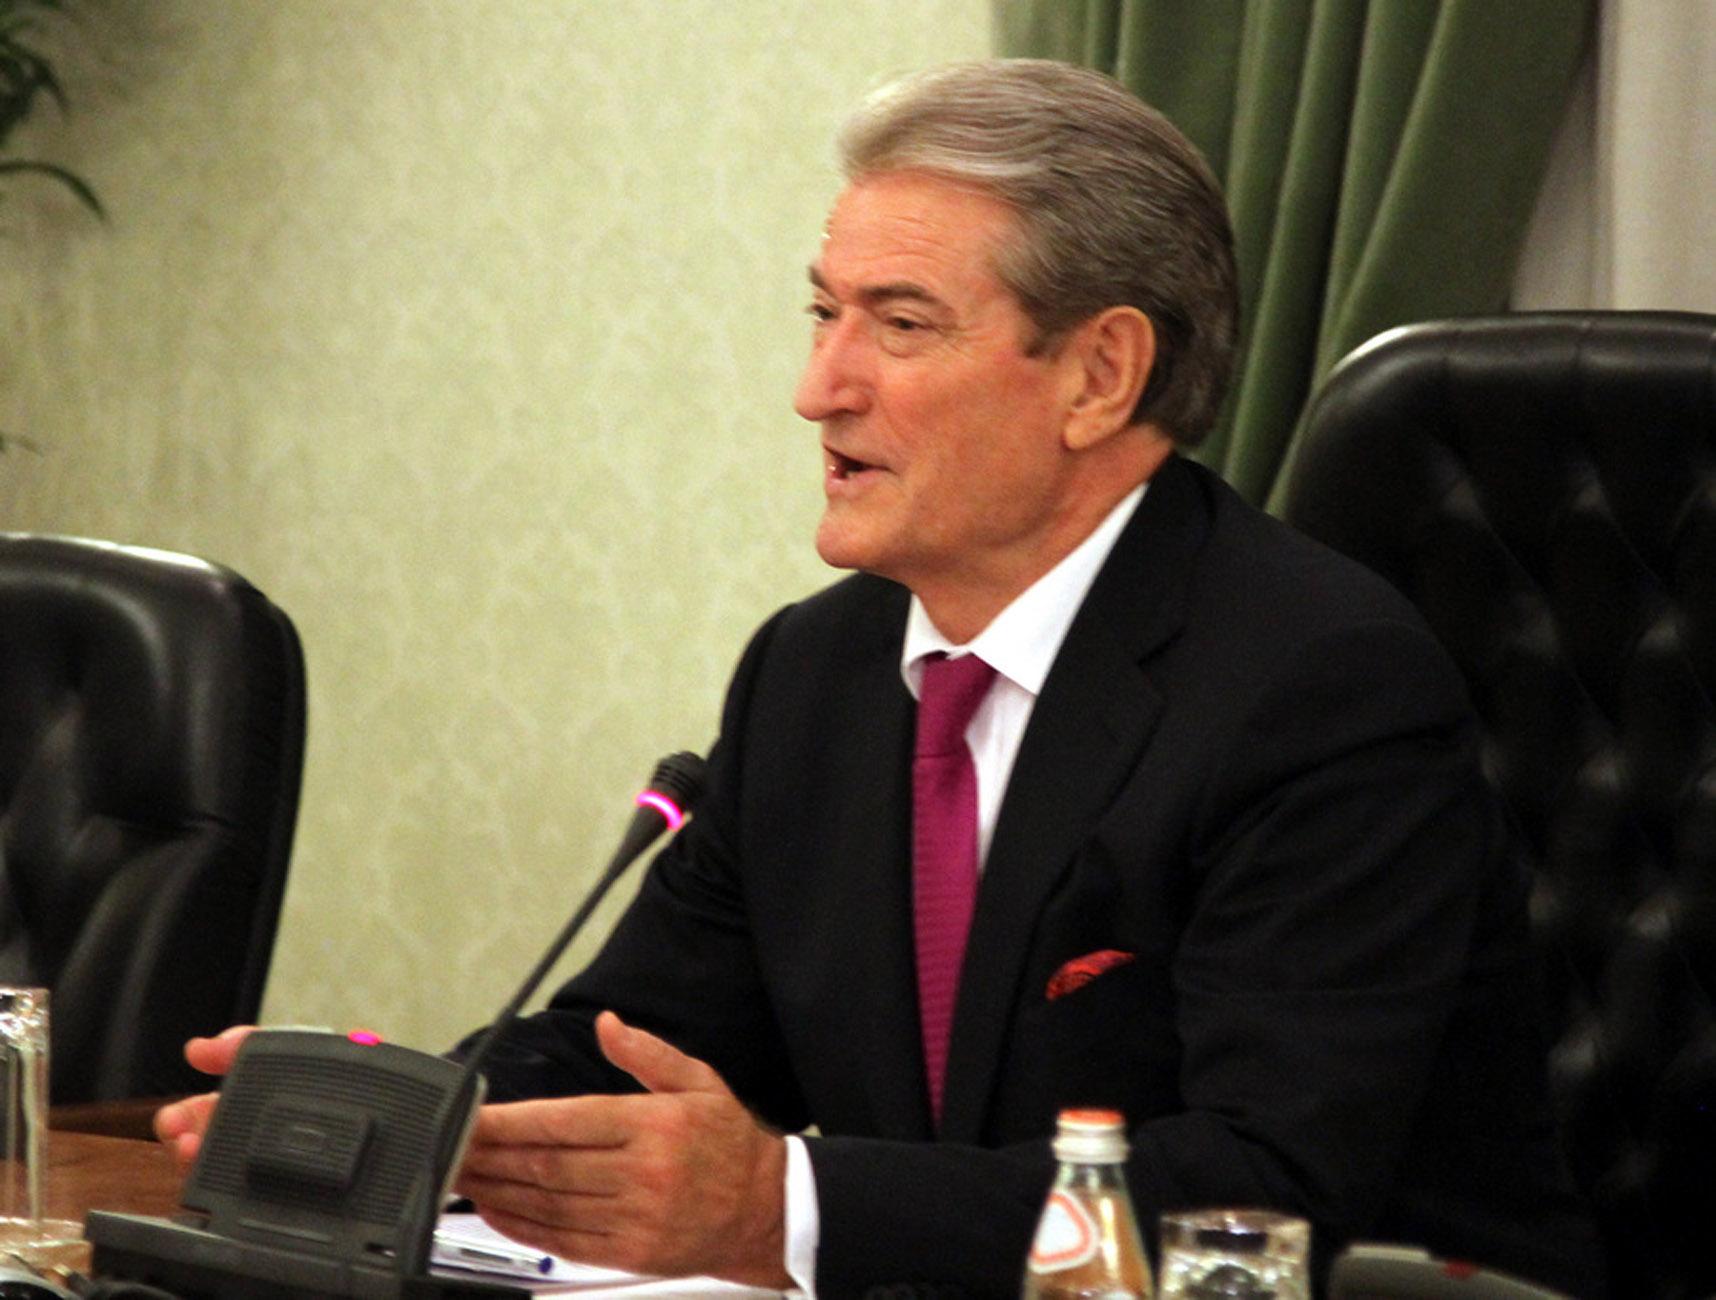 Αλβανία: Ανεπιθύμητος κηρύχθηκε στις ΗΠΑ ο πρώην πρόεδρος Σαλί Μπερίσα